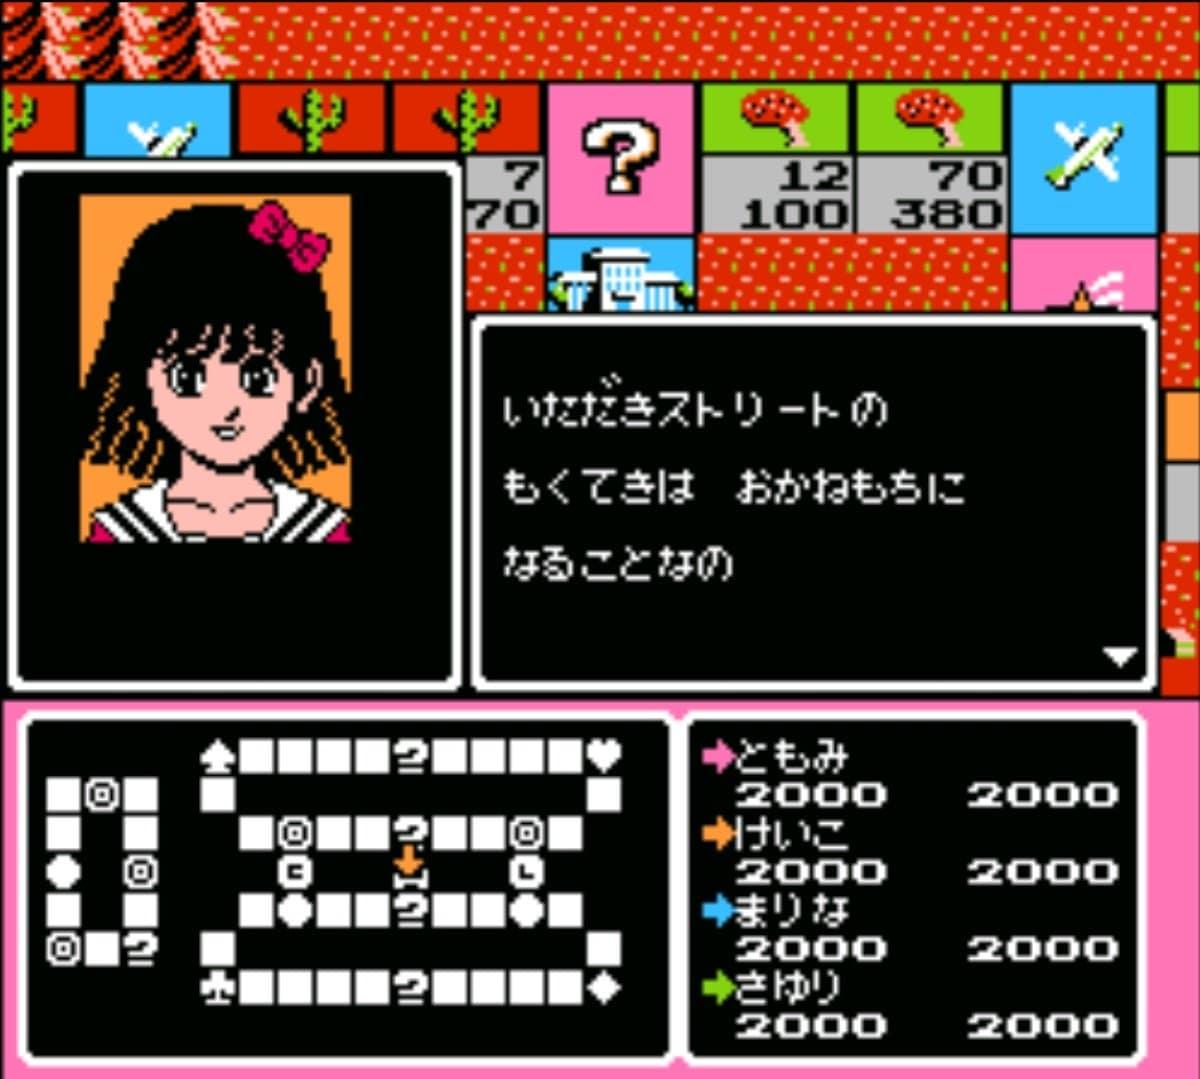 桃鉄だけじゃない、ファミコン芸人・フジタが選ぶみんながハマった「すごろくゲーム」といえばコレ!の画像003